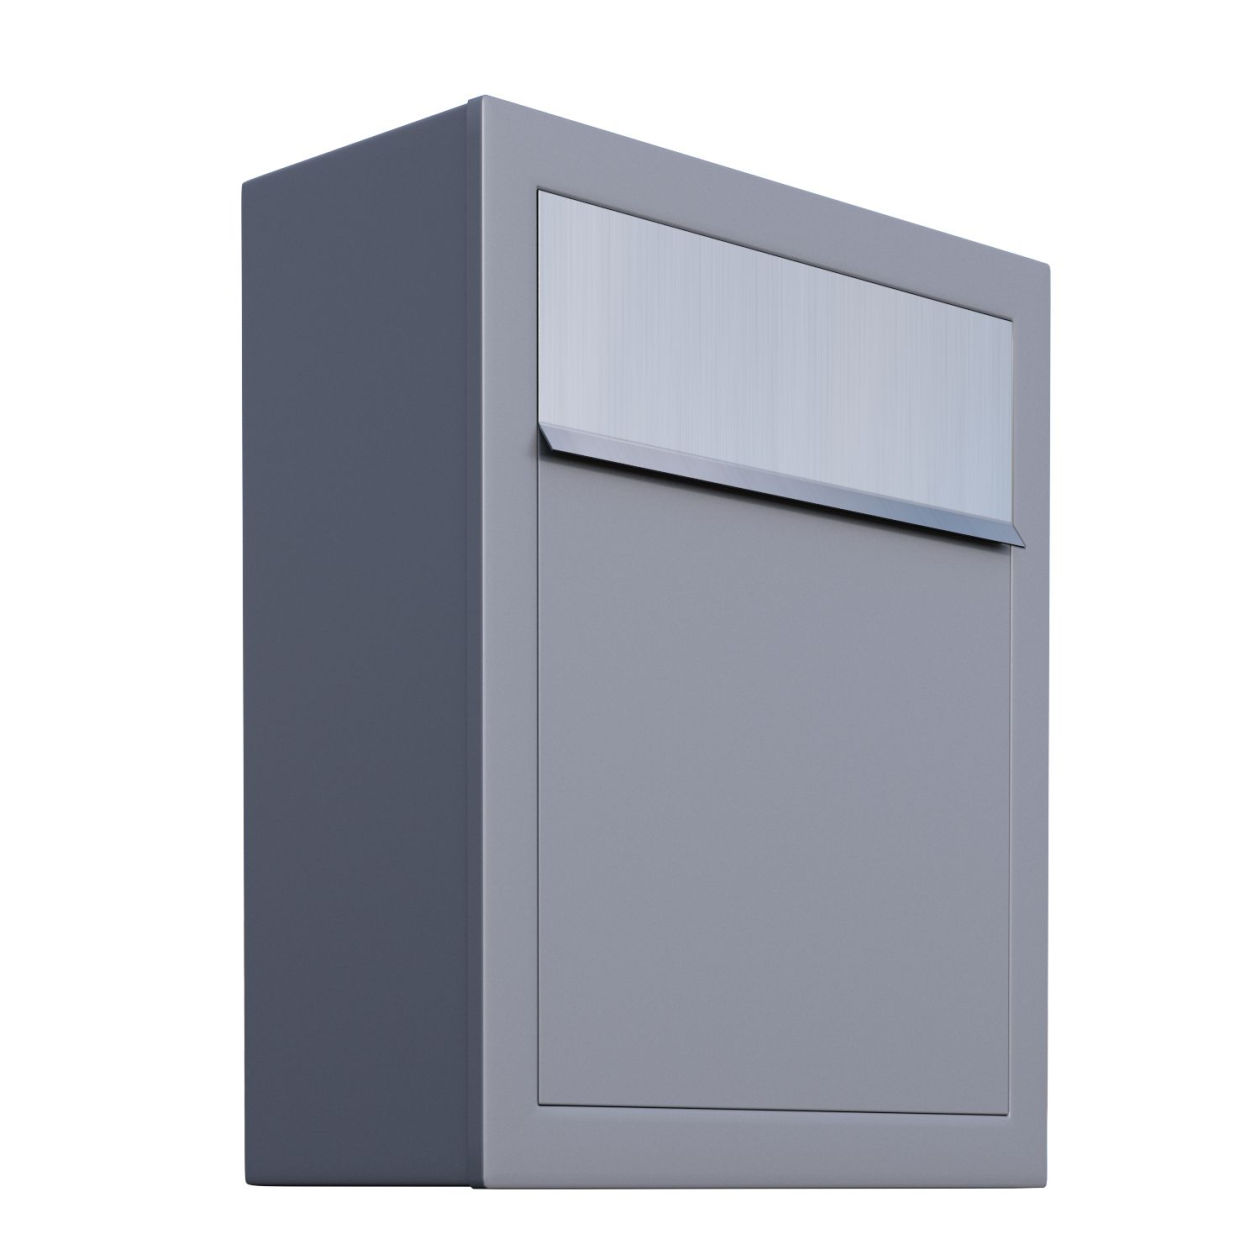 briefkasten design wandbriefkasten base grau metallic On bravios briefkasten